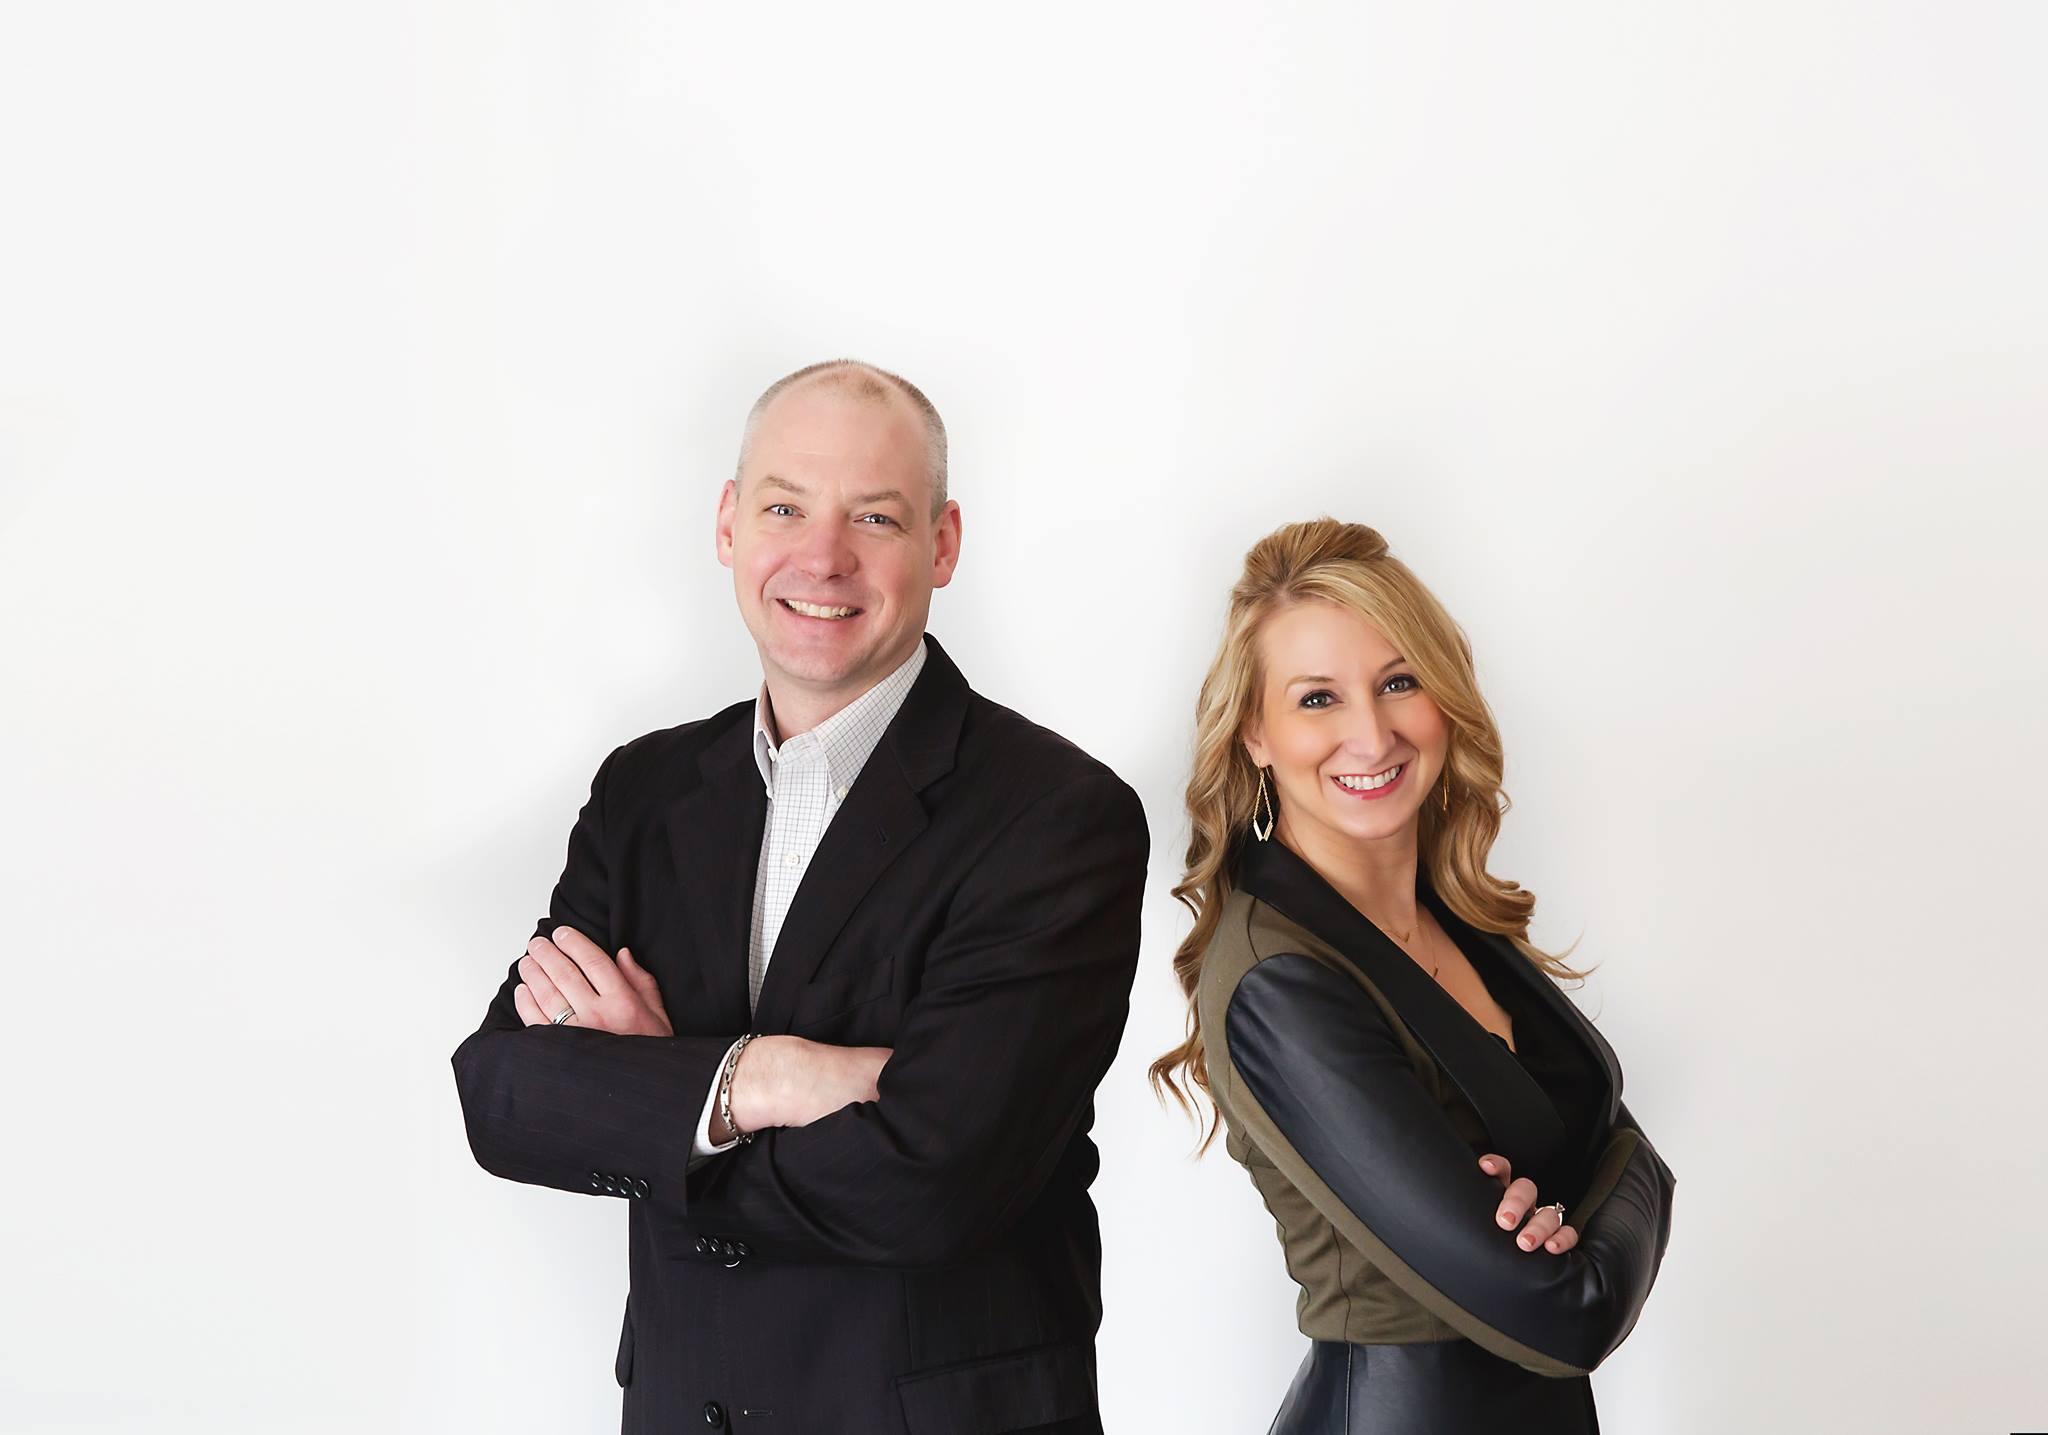 Mike Pelton and Noelle Leggitt